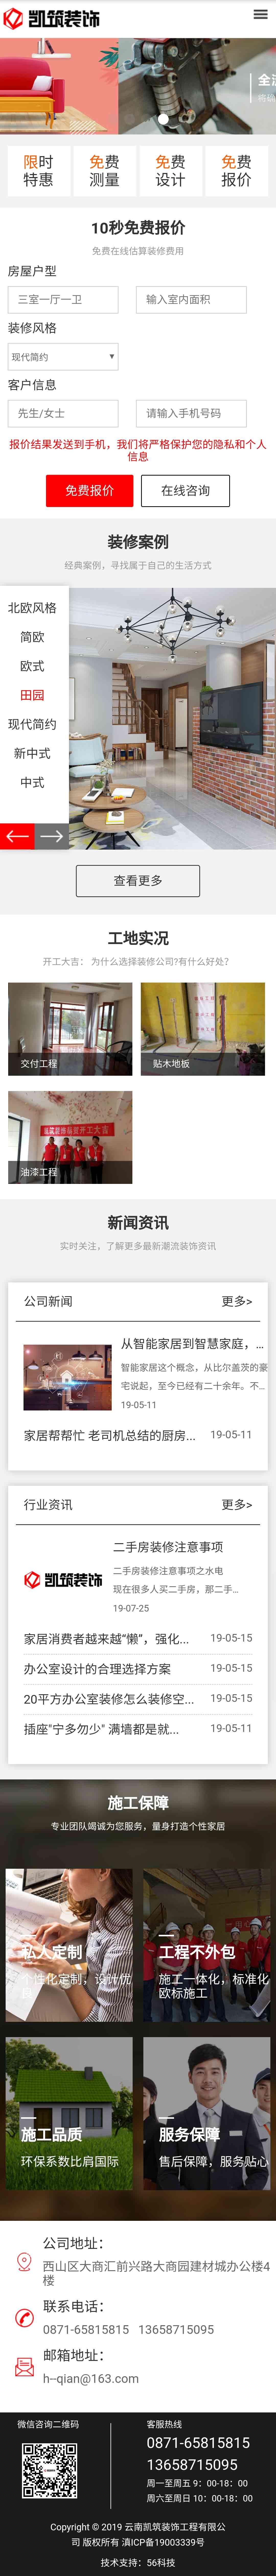 云南凯筑装饰工程万博体育APP官方网